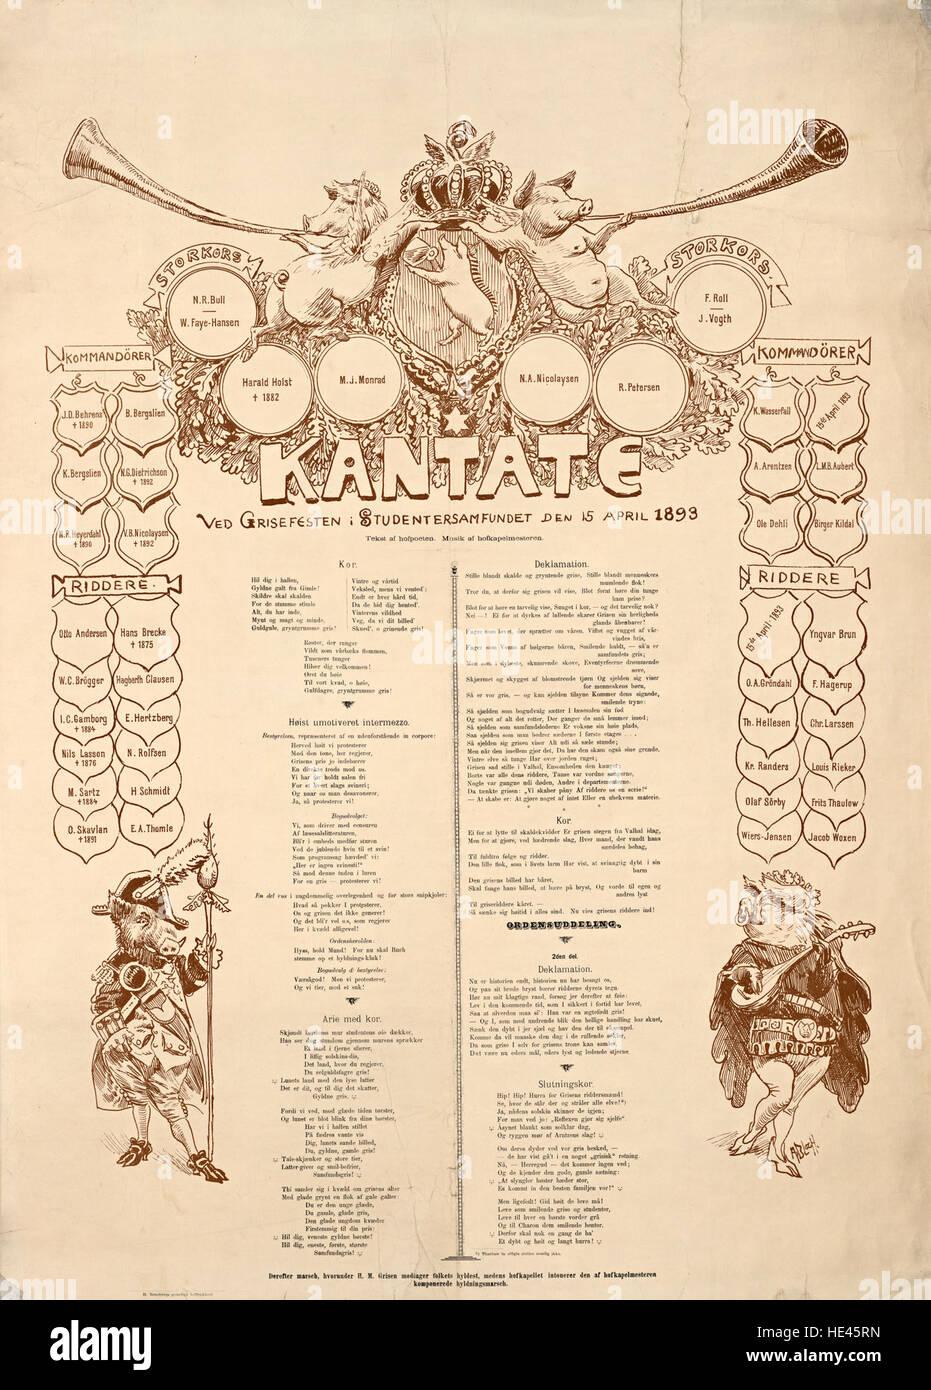 Kantate ved Grisefesten i Studentersamfundet den 15 April 1893 - Stock Image